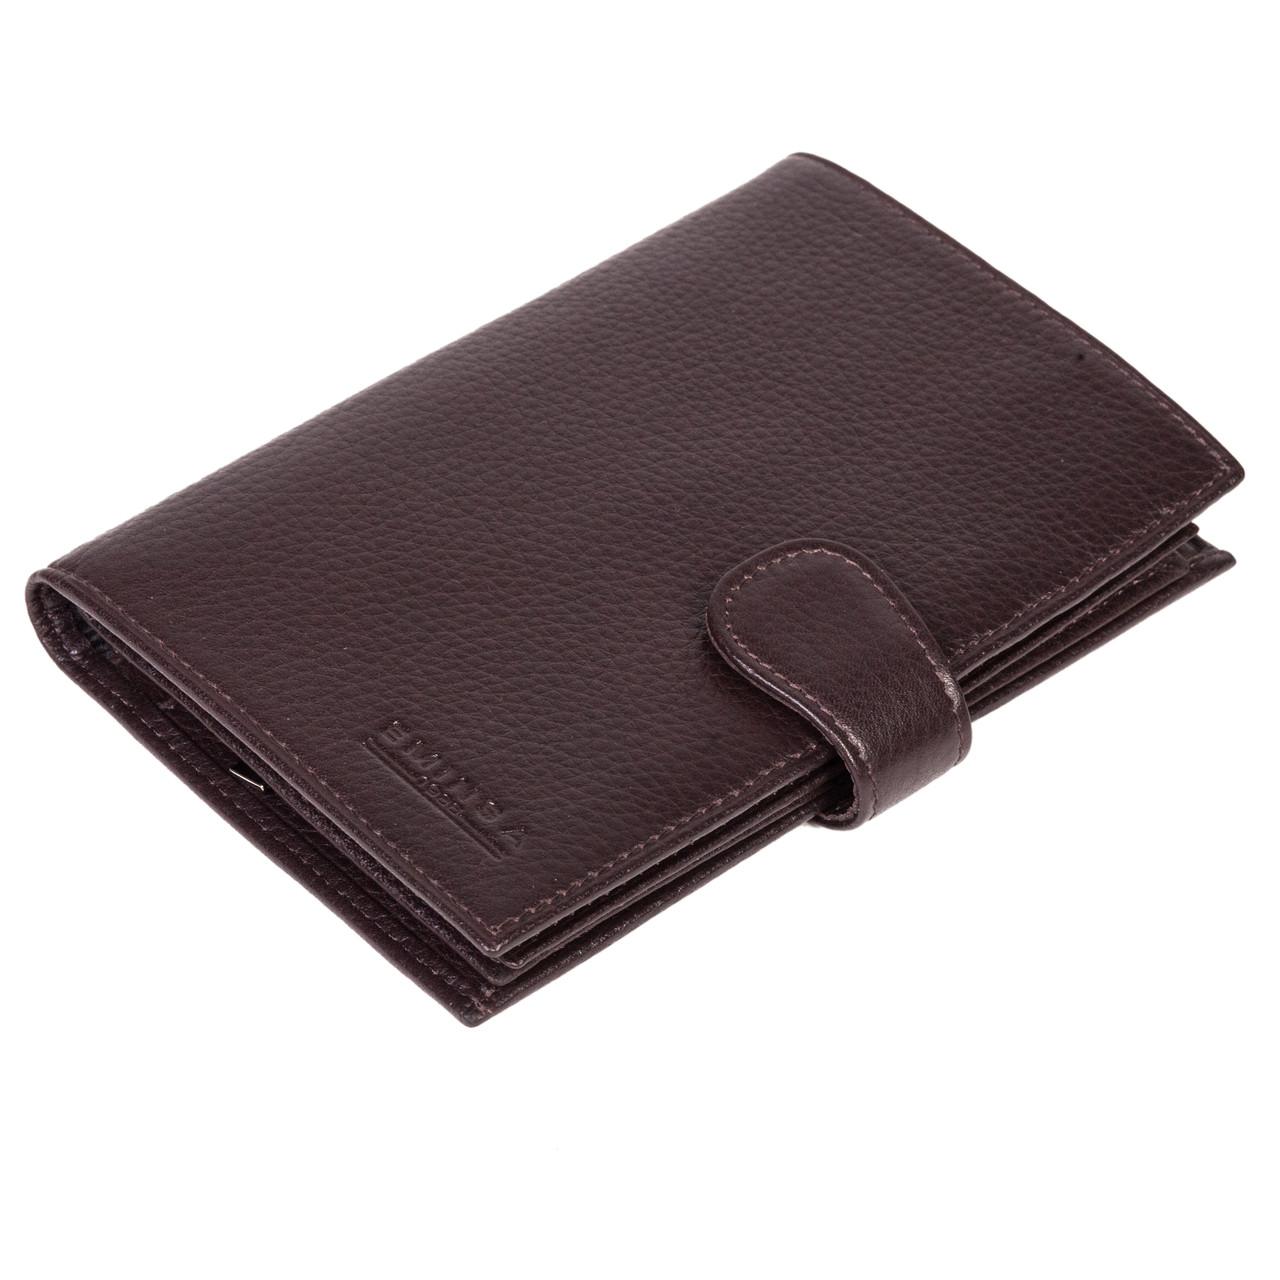 4e037a8425f4 Мужское портмоне Eminsa 1001-17-3 кожаное с отделением для паспорта  коричневое - FainaModa